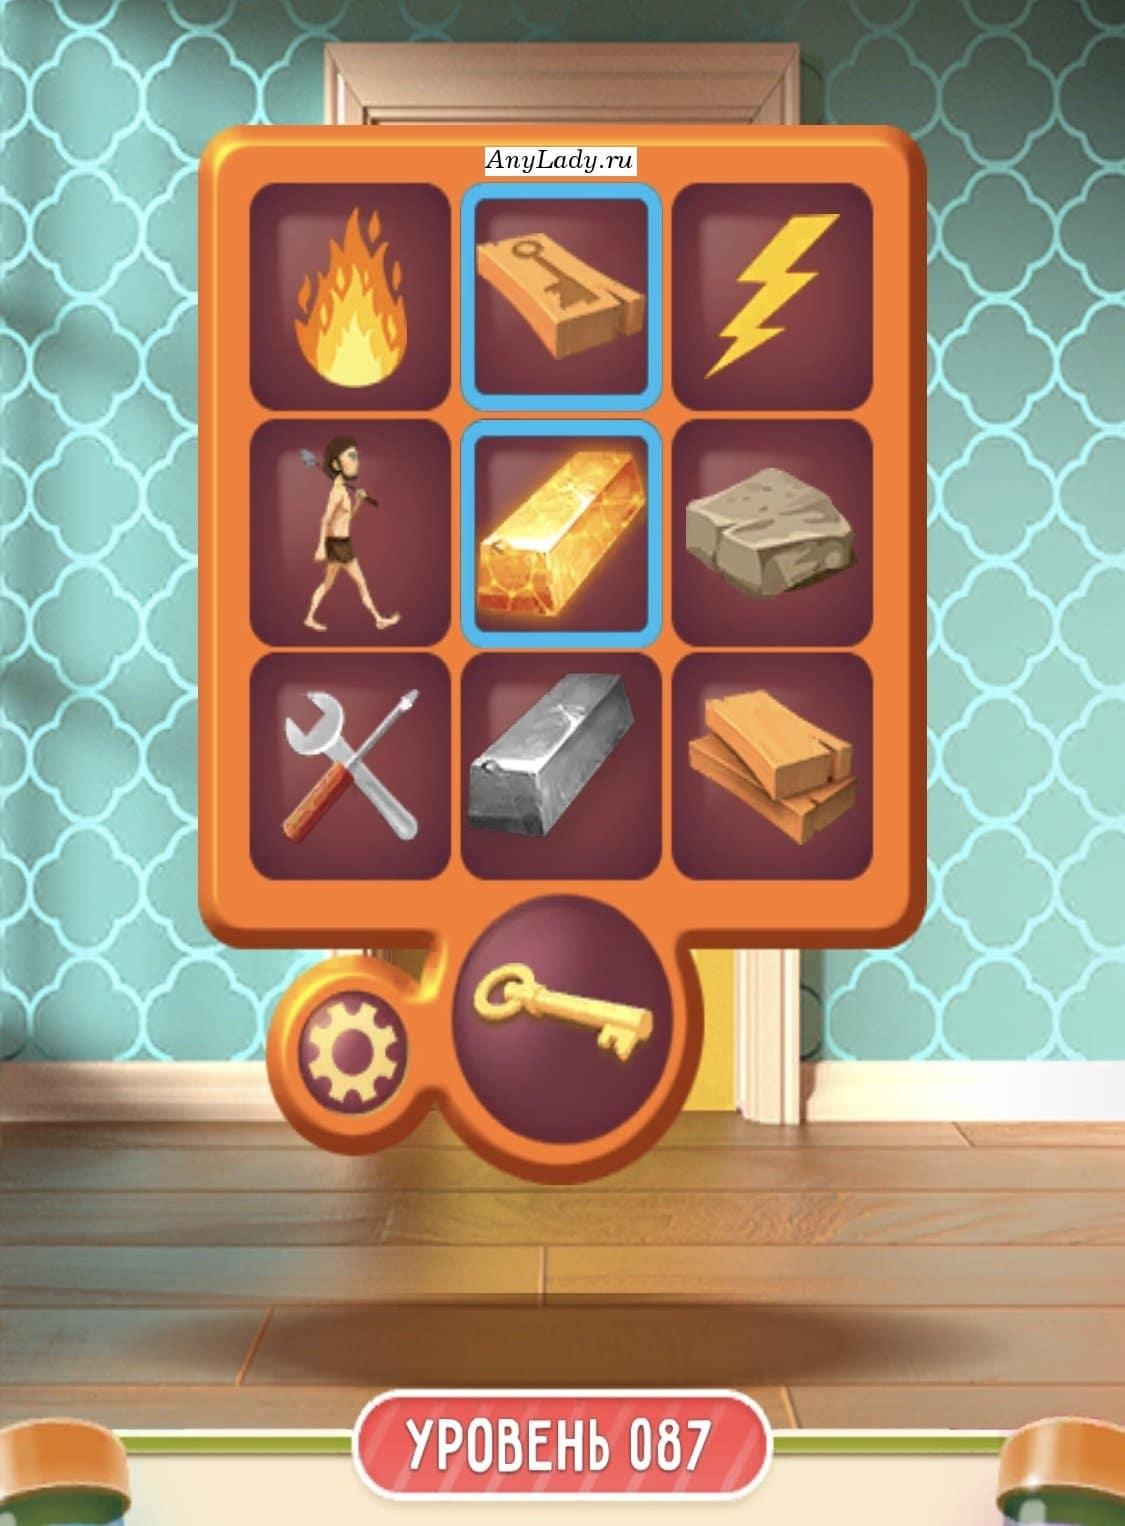 Перед Вами таблица с предметами, Вам необходимо перемешивать их между собой, с каждым разом получая новые ресурсы. В конце Ваших манипуляций появится ключ, для выхода из комнаты